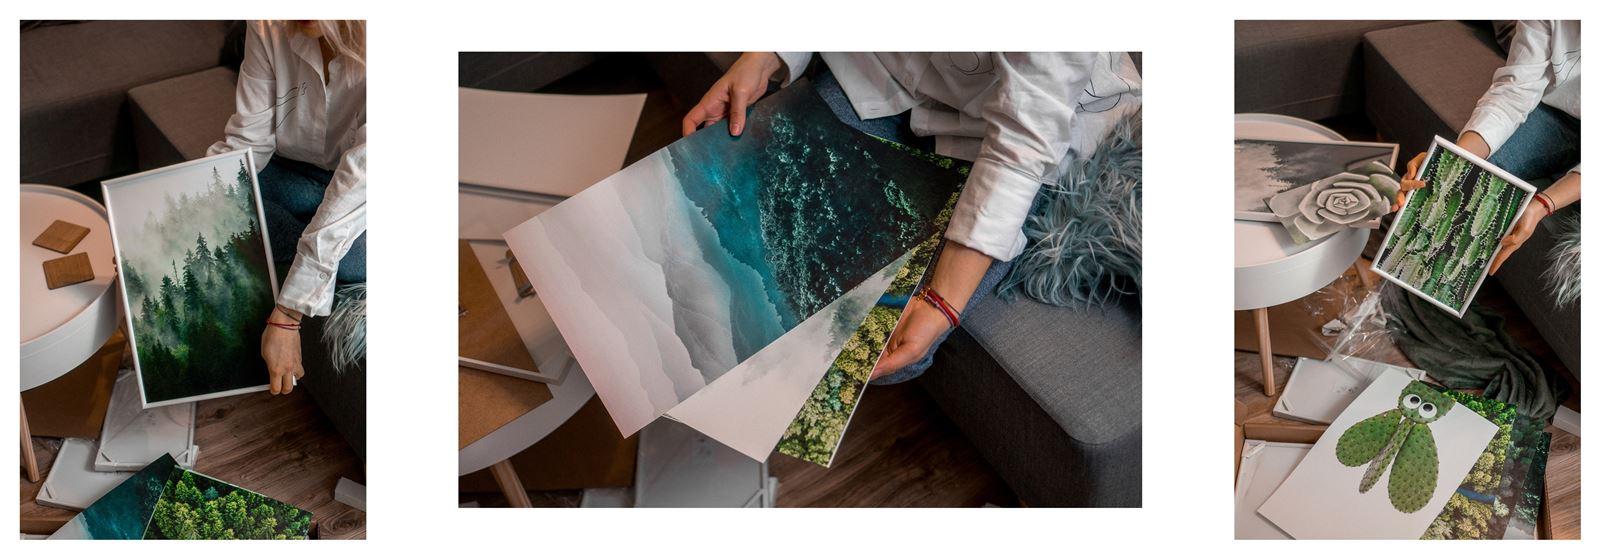 2Ajak urządzić biuro w domu - dekoracje do biura, zielona ściana w mieszkaniu, jak zaprojektować galerię plakatów, plakaty krajobrazy rośliny na ścianę jak zawiesić obraz na ścianie stylowe plakaty